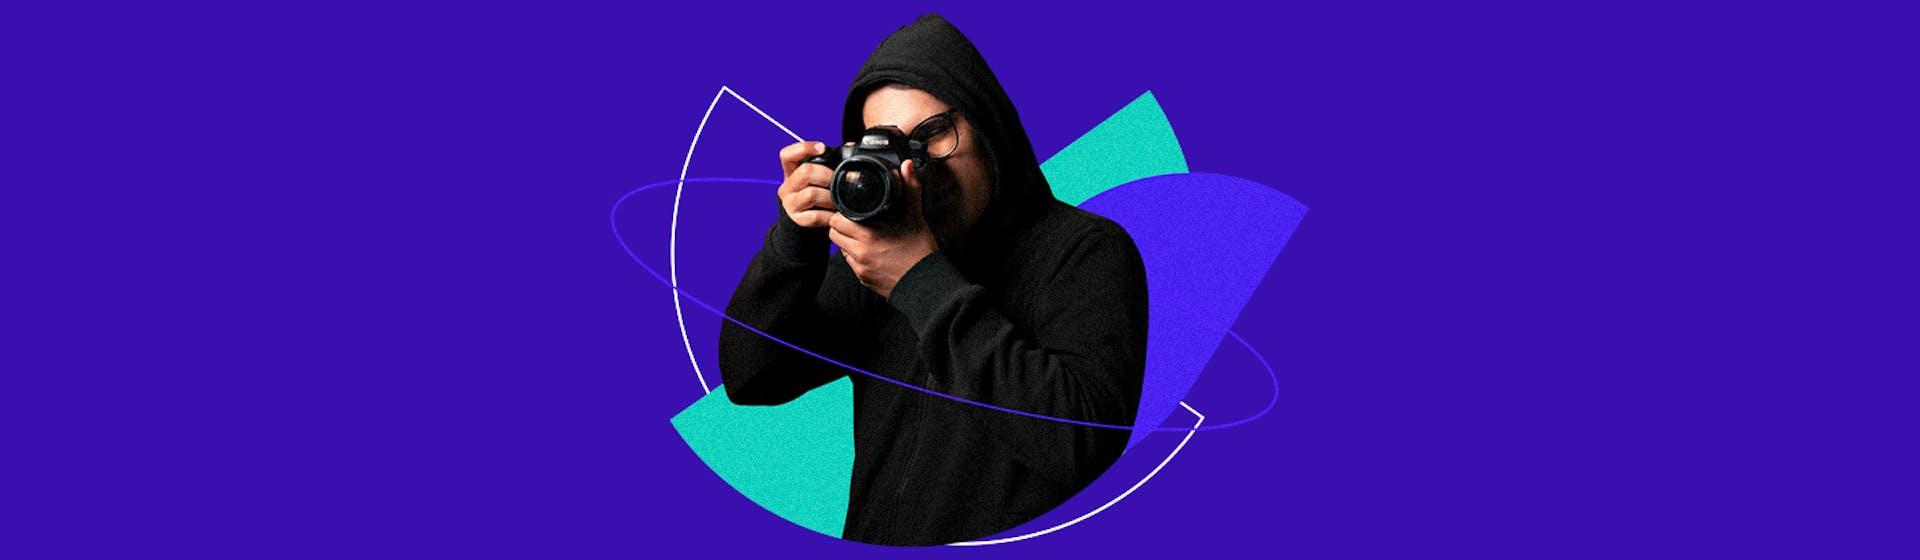 Fotógrafo de profesión: pasos para ser un experto en el arte de la fotografía